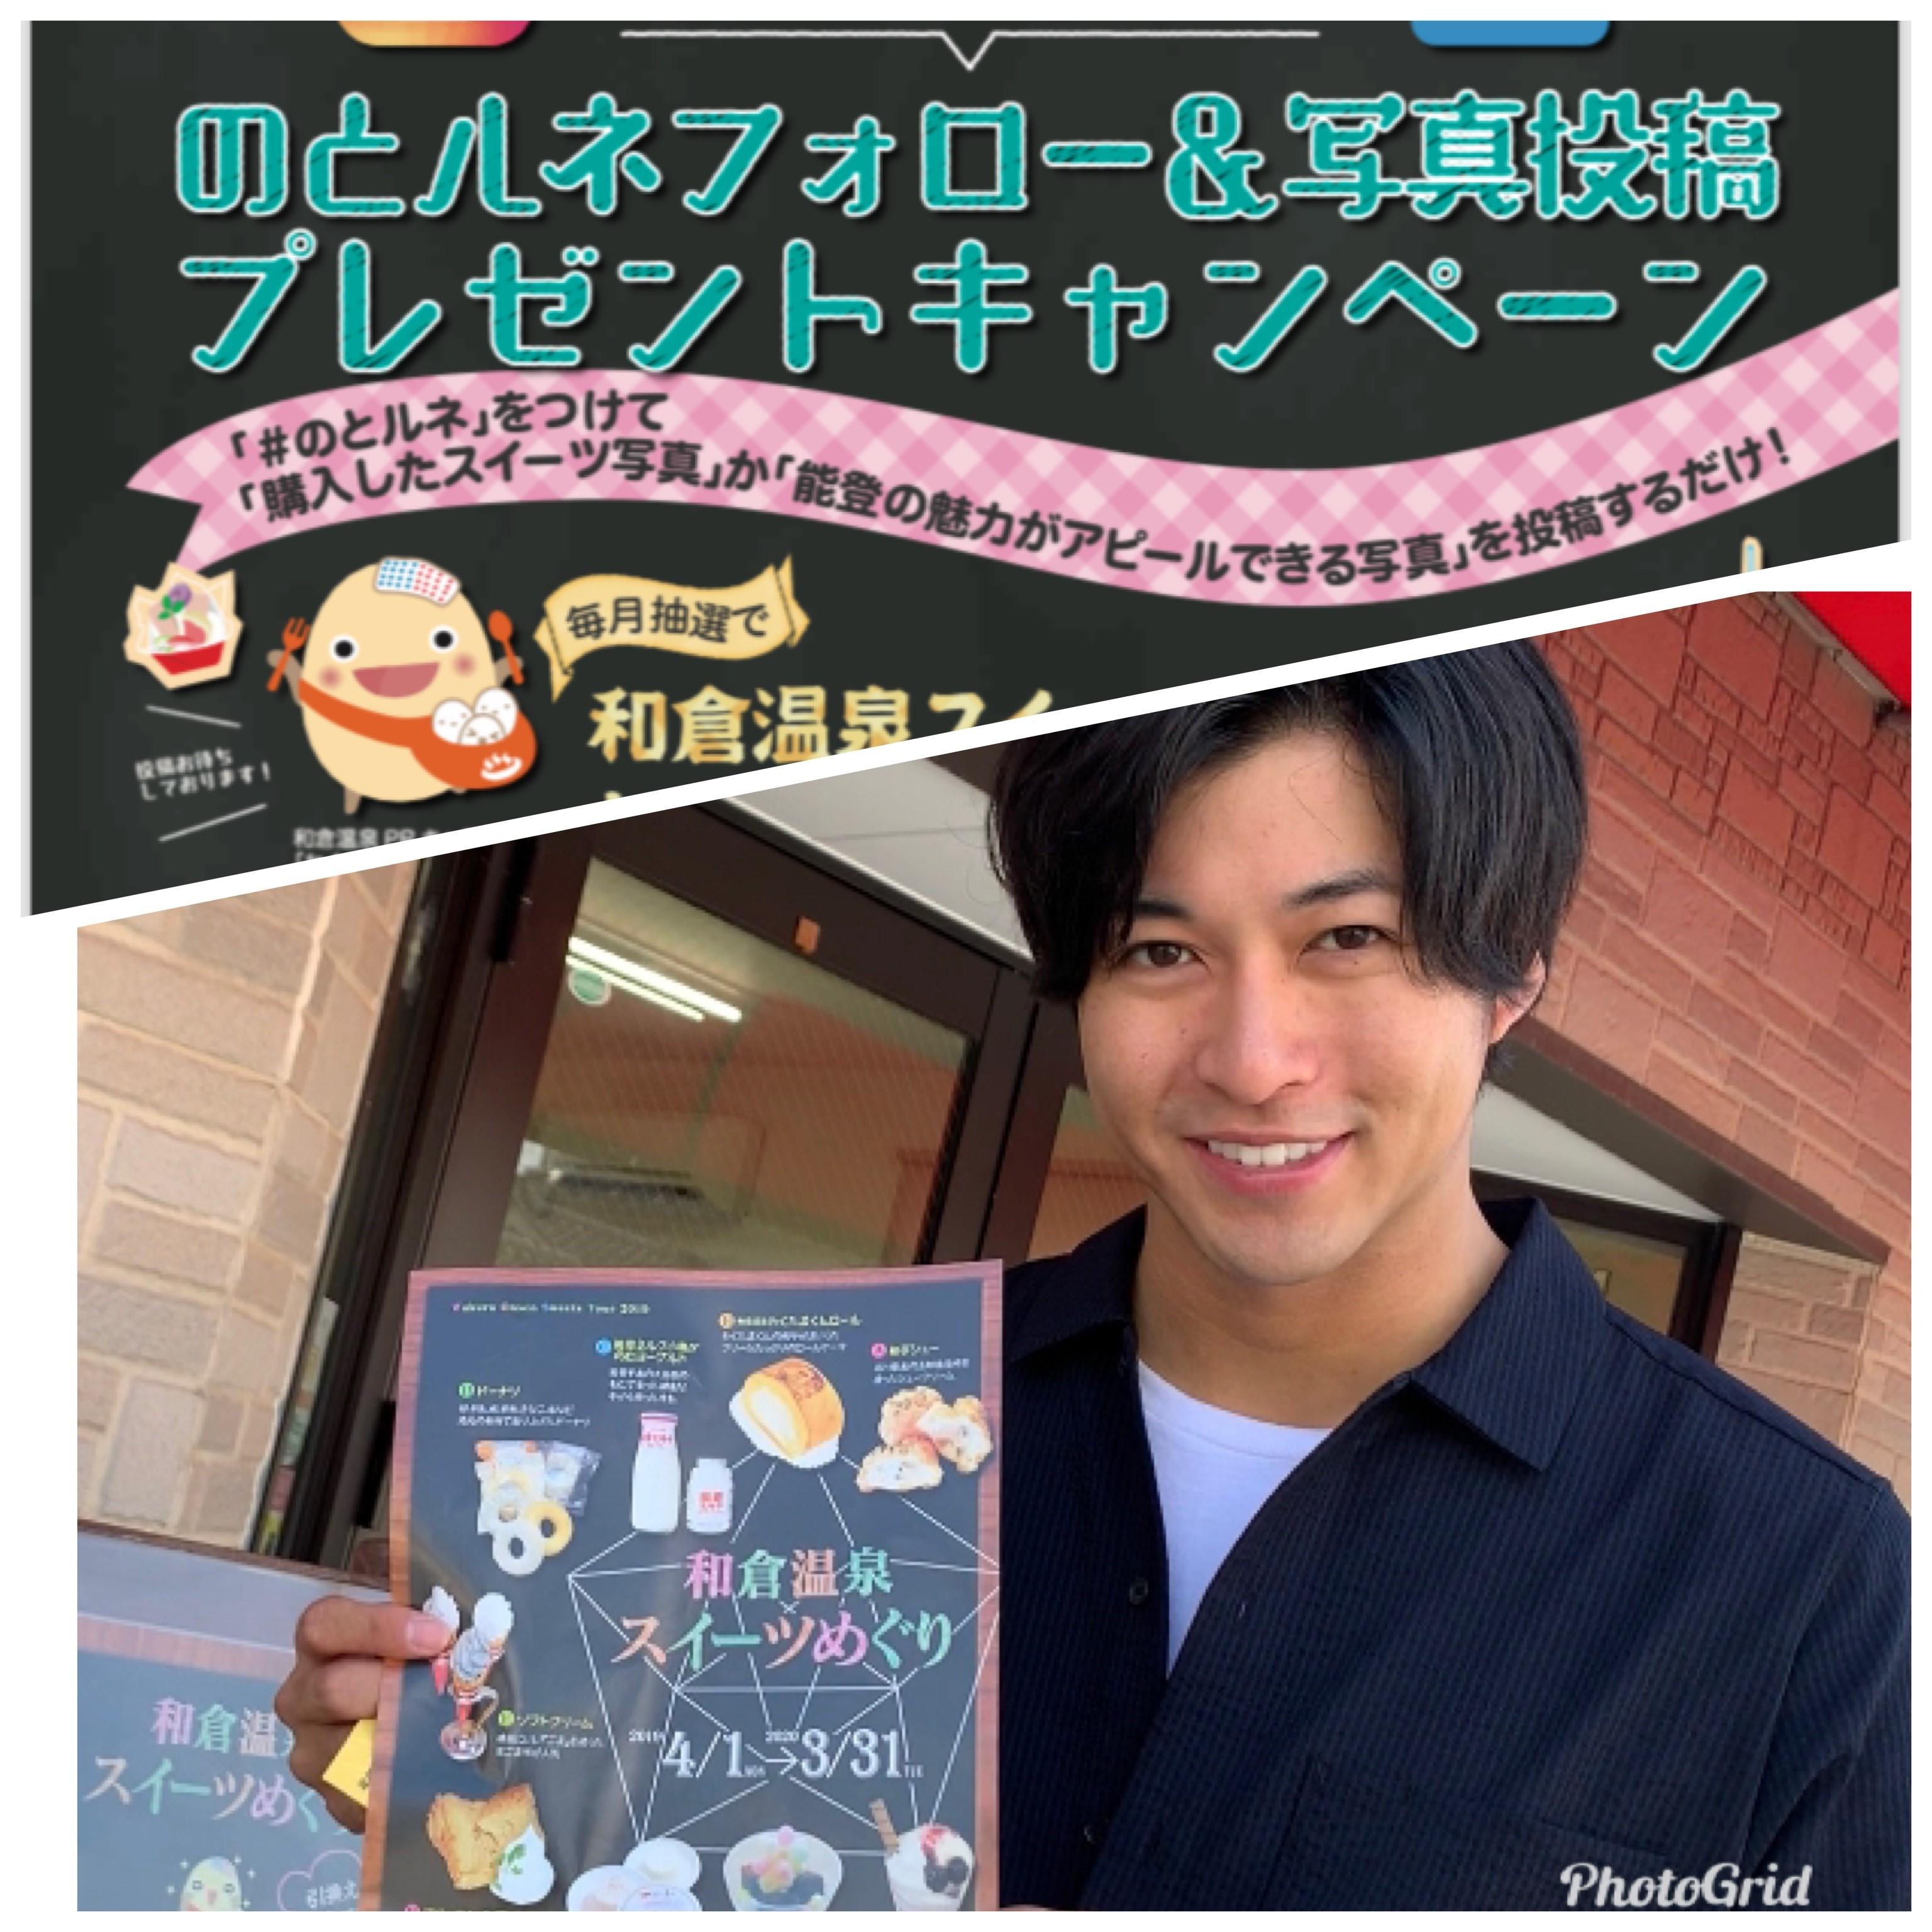 のとルネフォロー&写真投稿プレゼントキャンペーン♪【七尾市】